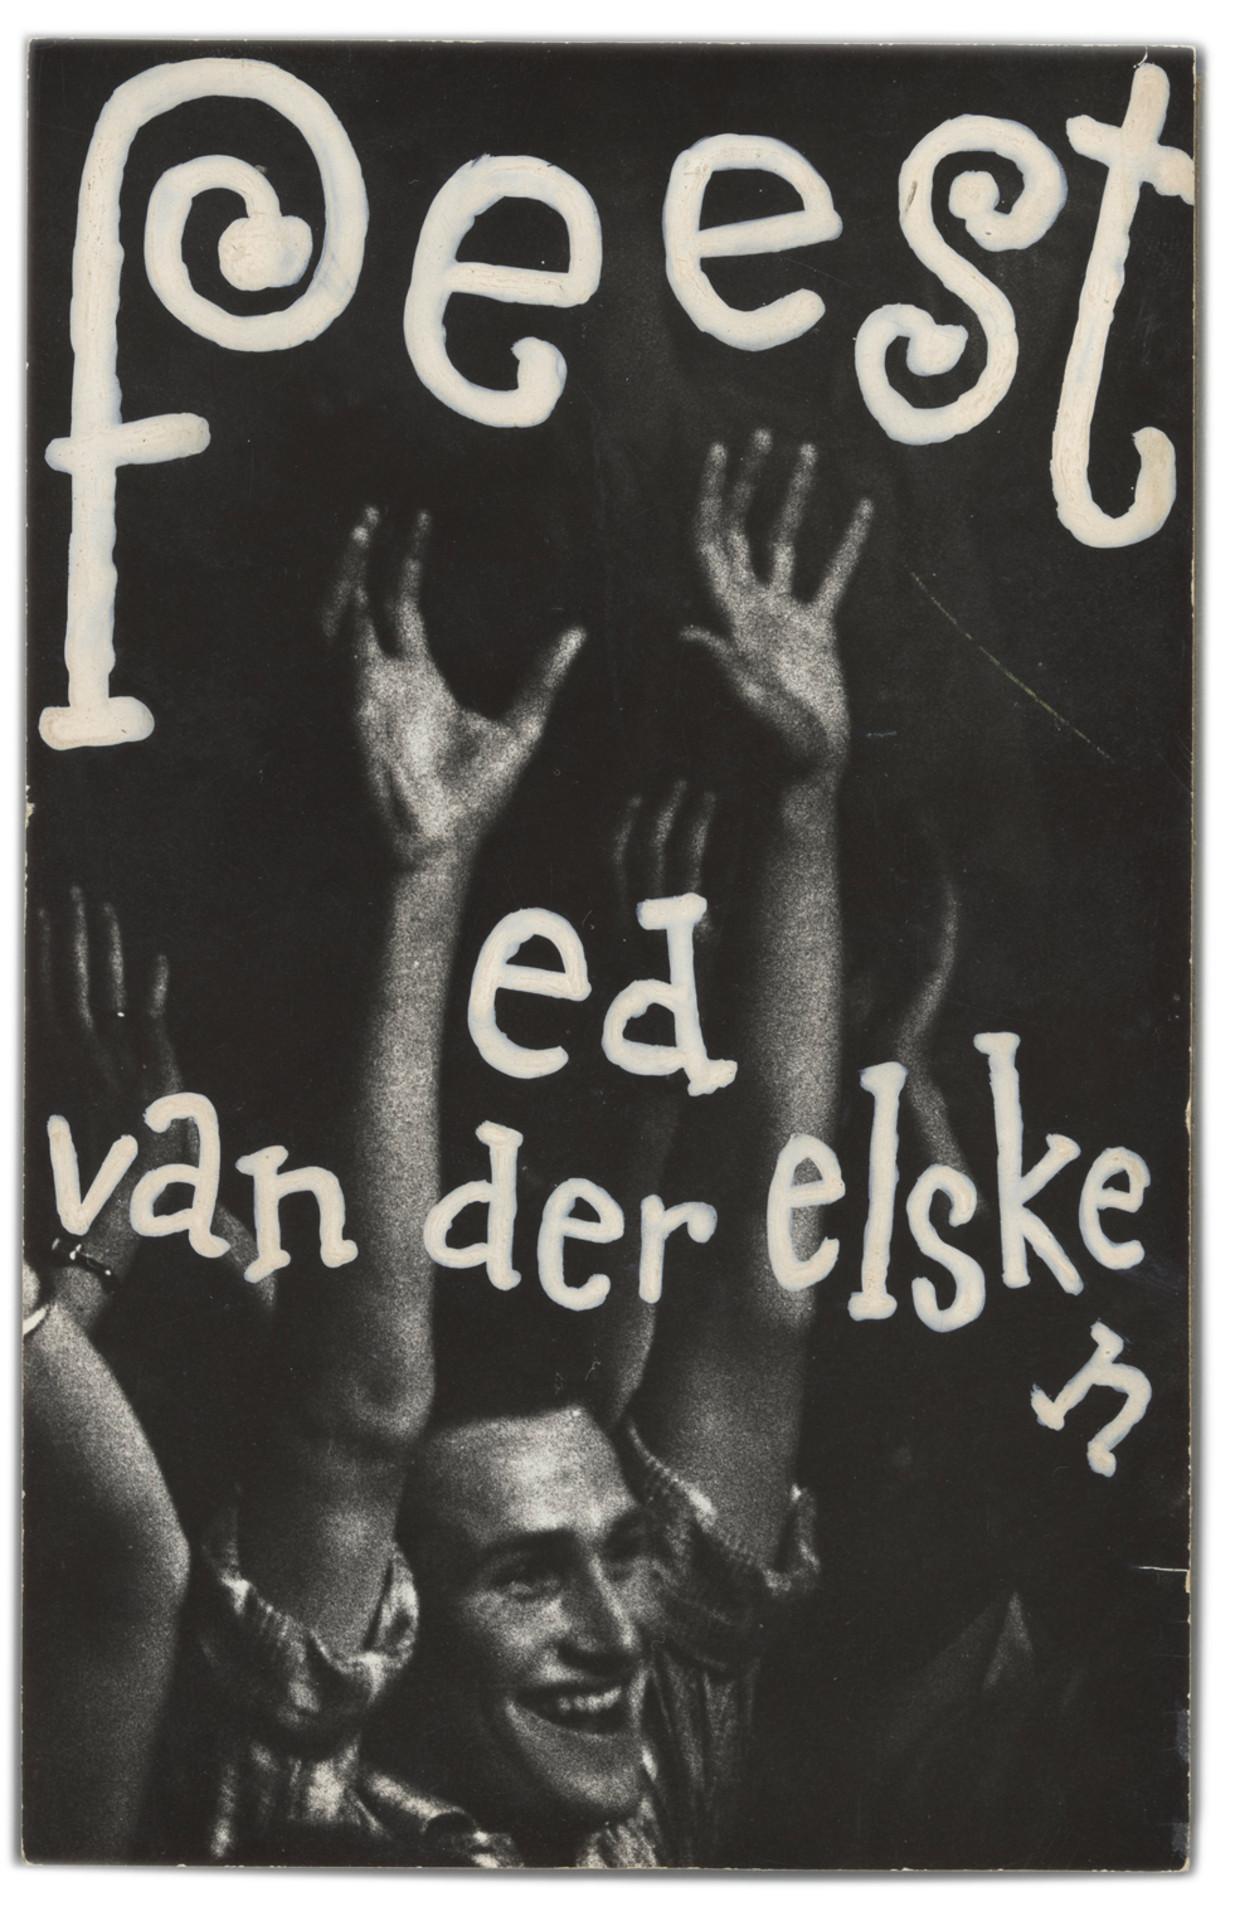 Feest, Ed van der Elsken. Beeld Rijksmuseum Staeske Rebers